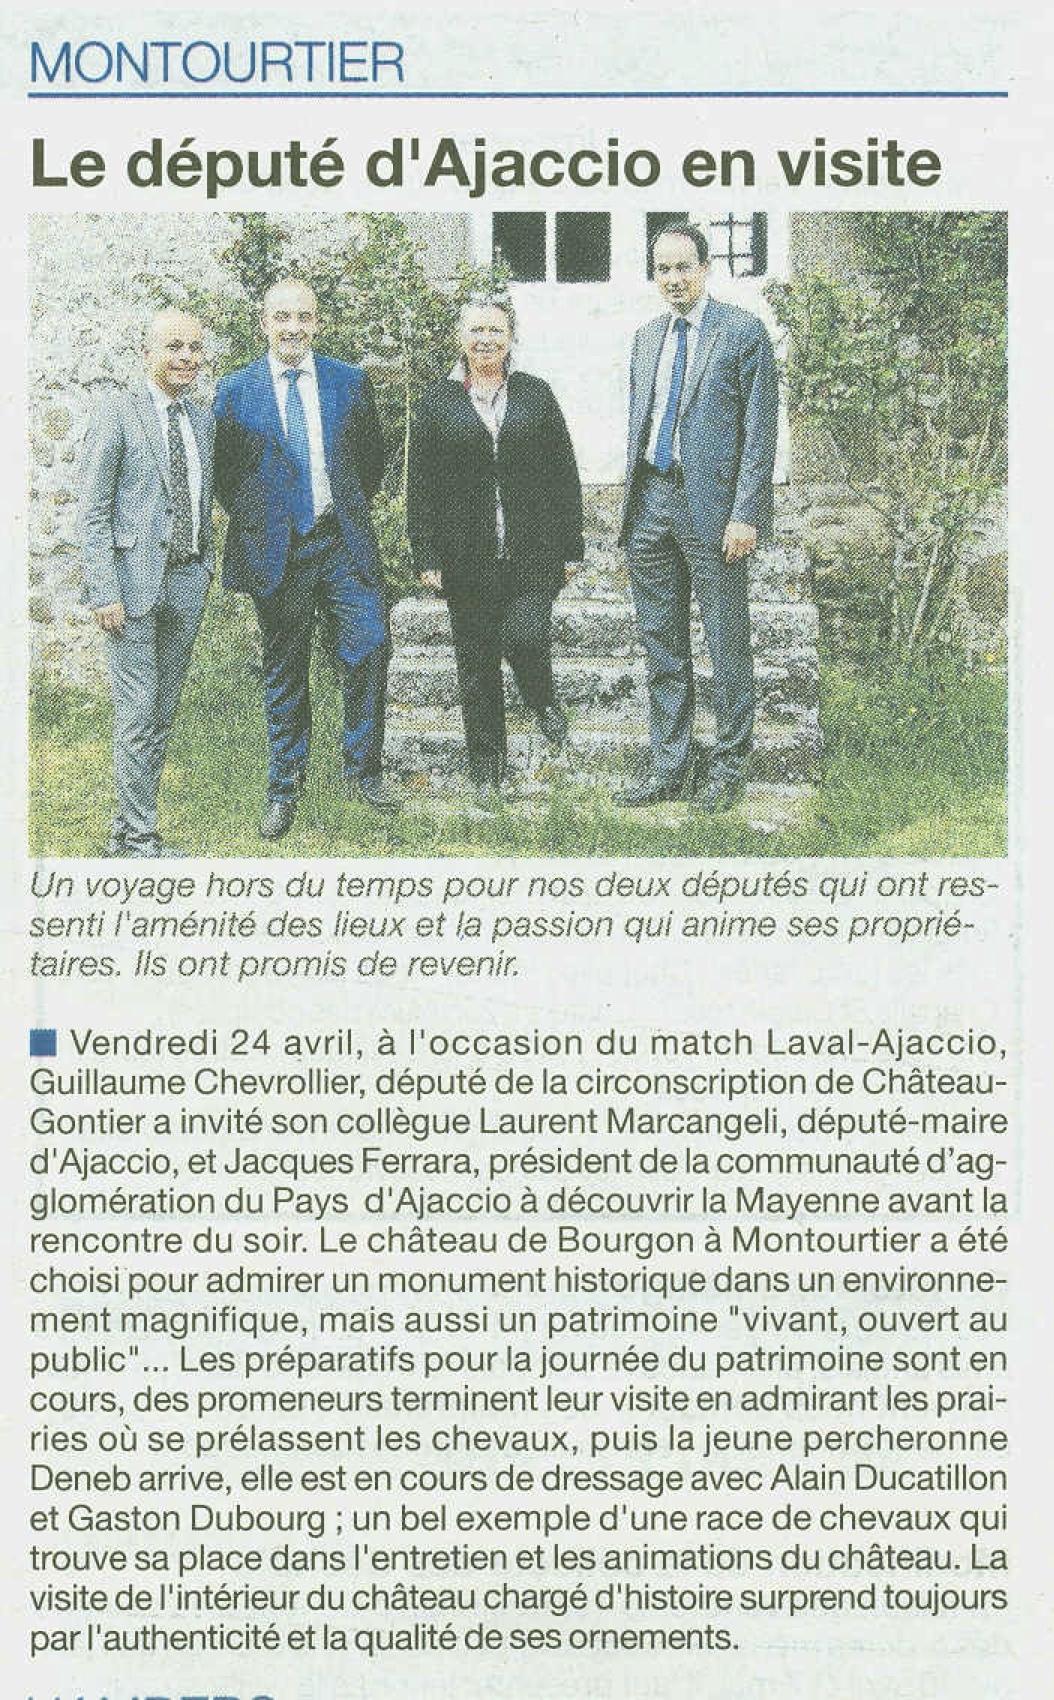 CDLM deputes en visite a Bourgon